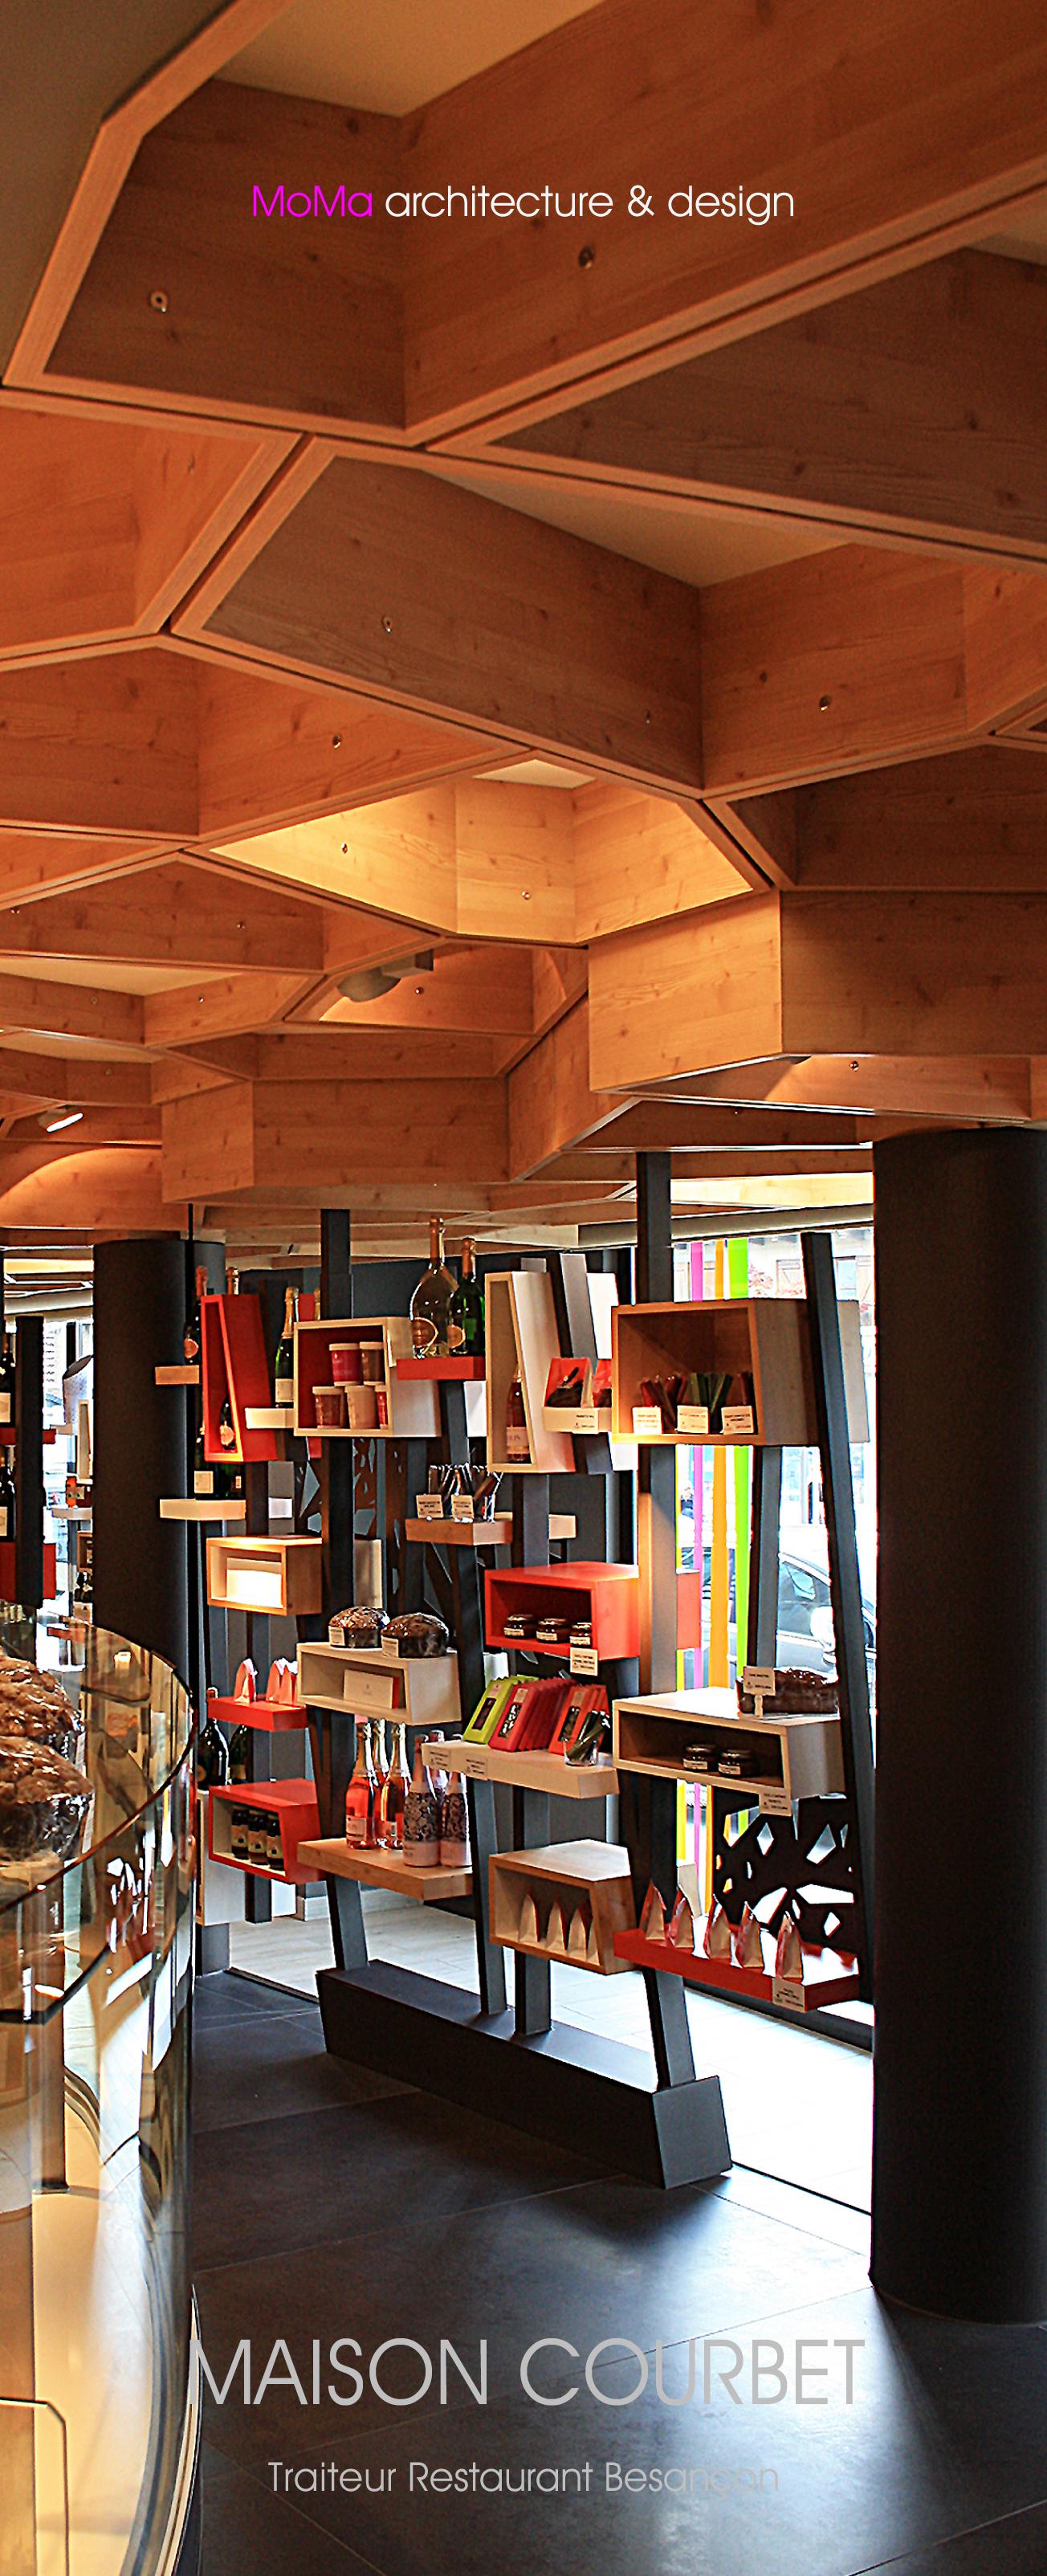 Maison Courbet Traiteur Mof Espace De Vente Besan U00e7on